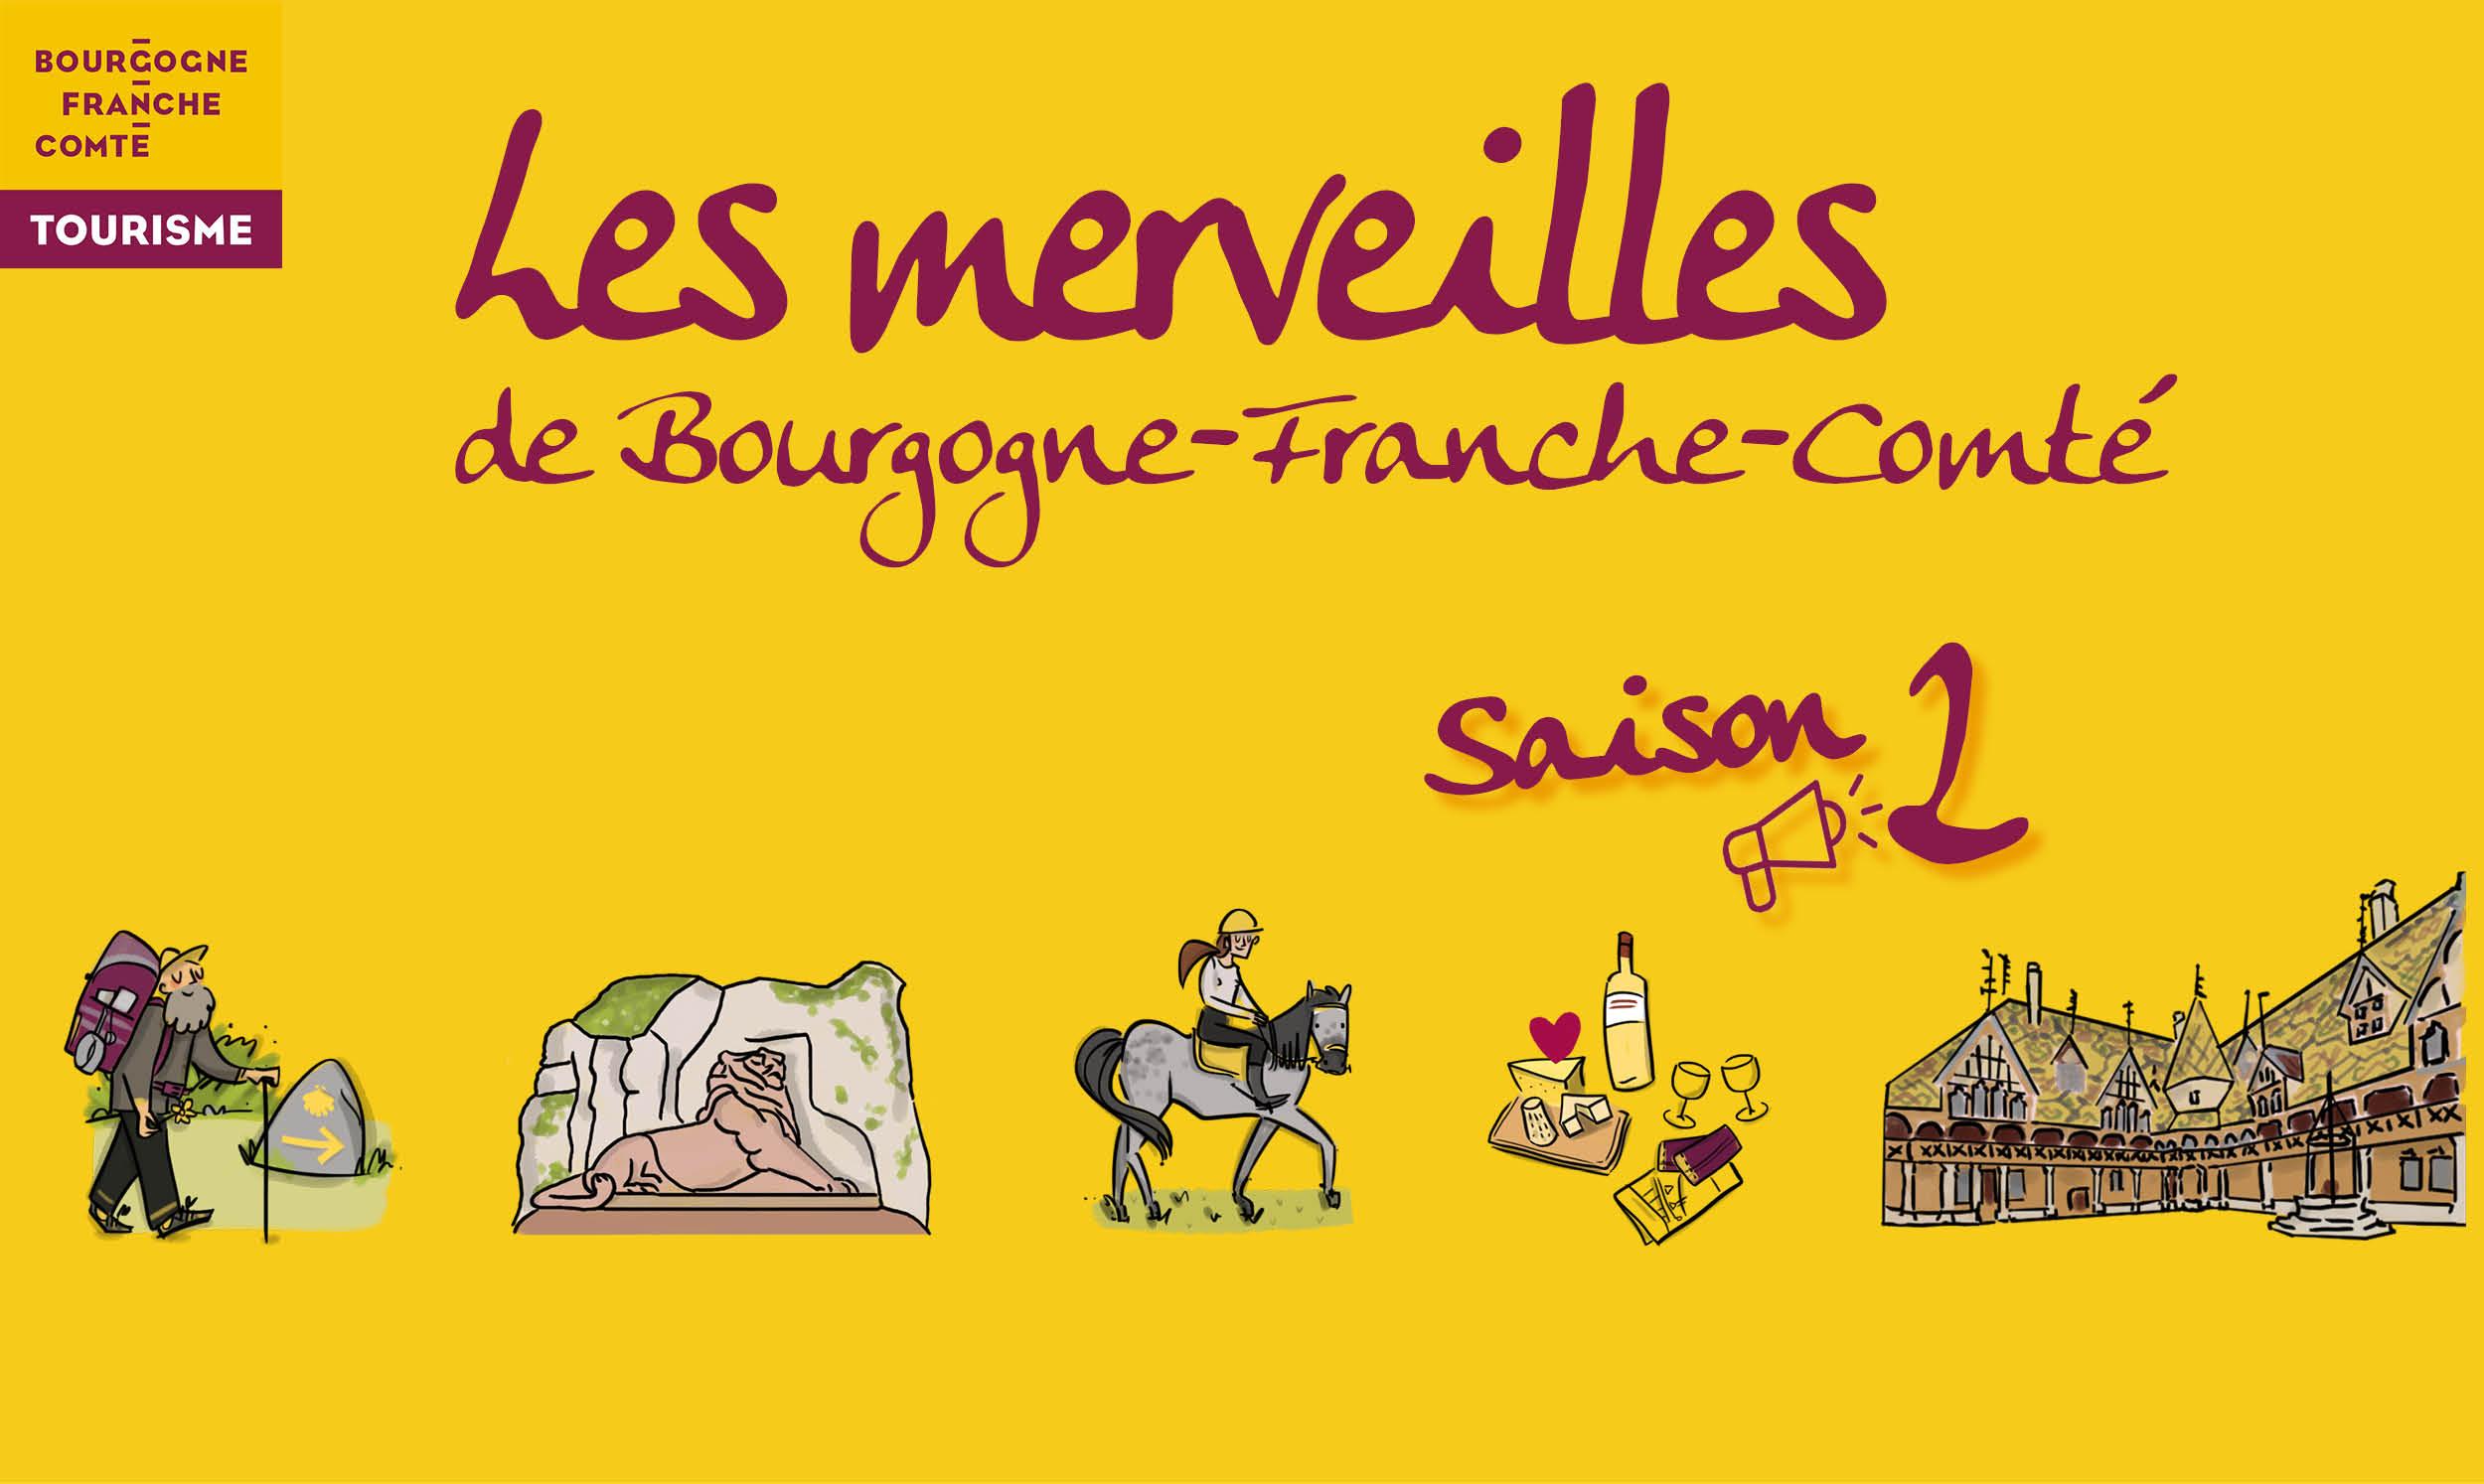 Les merveilles de Bourgogne-Franche-Comté